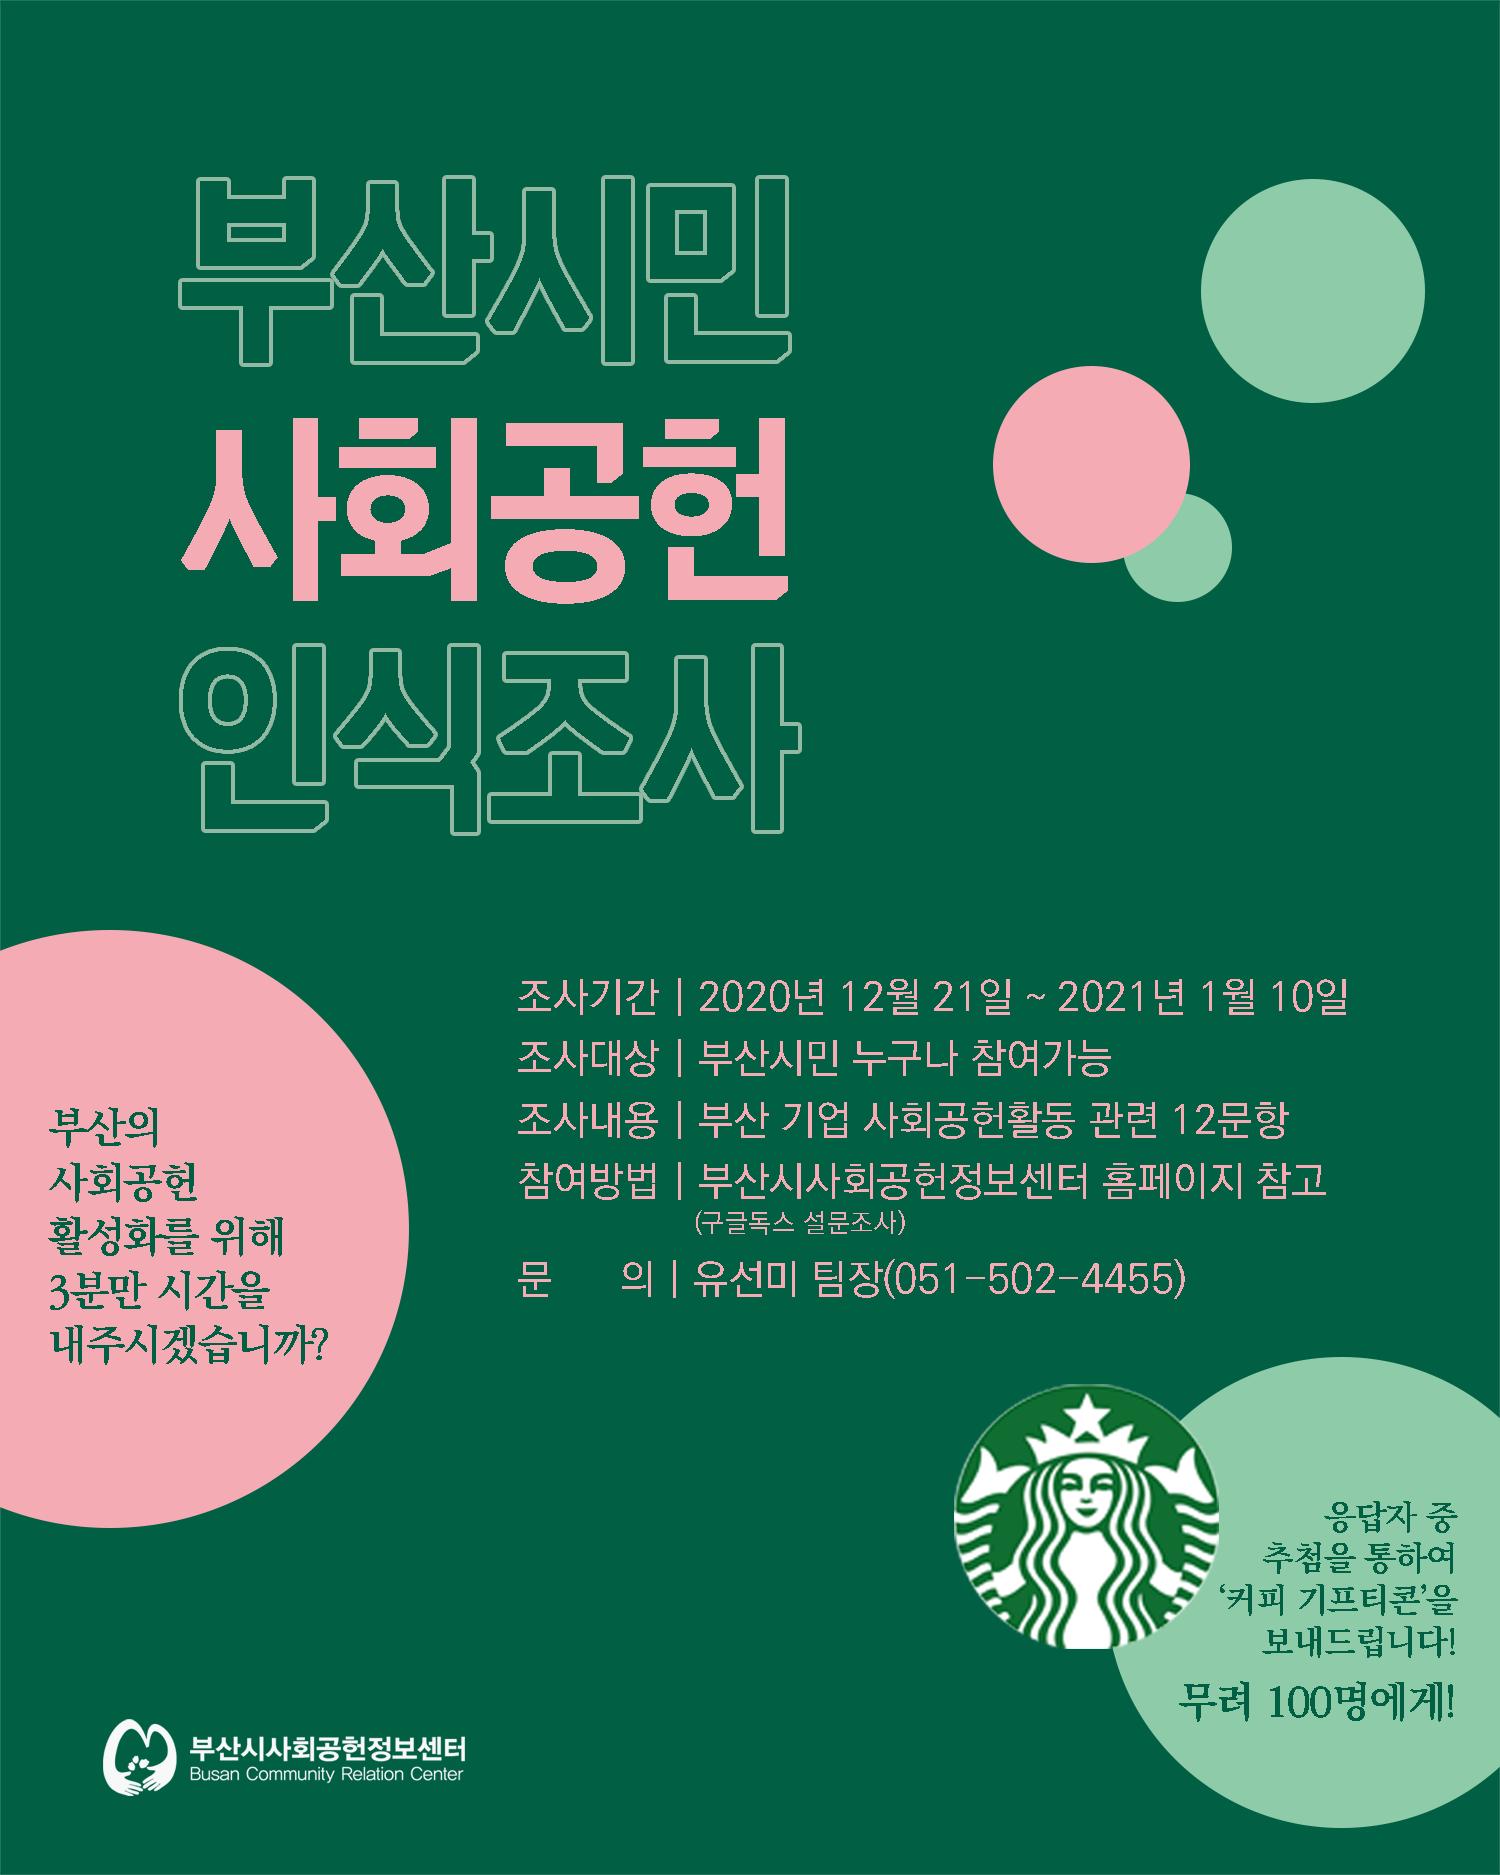 부산시민 사회공헌 인식조사 웹포스터.png